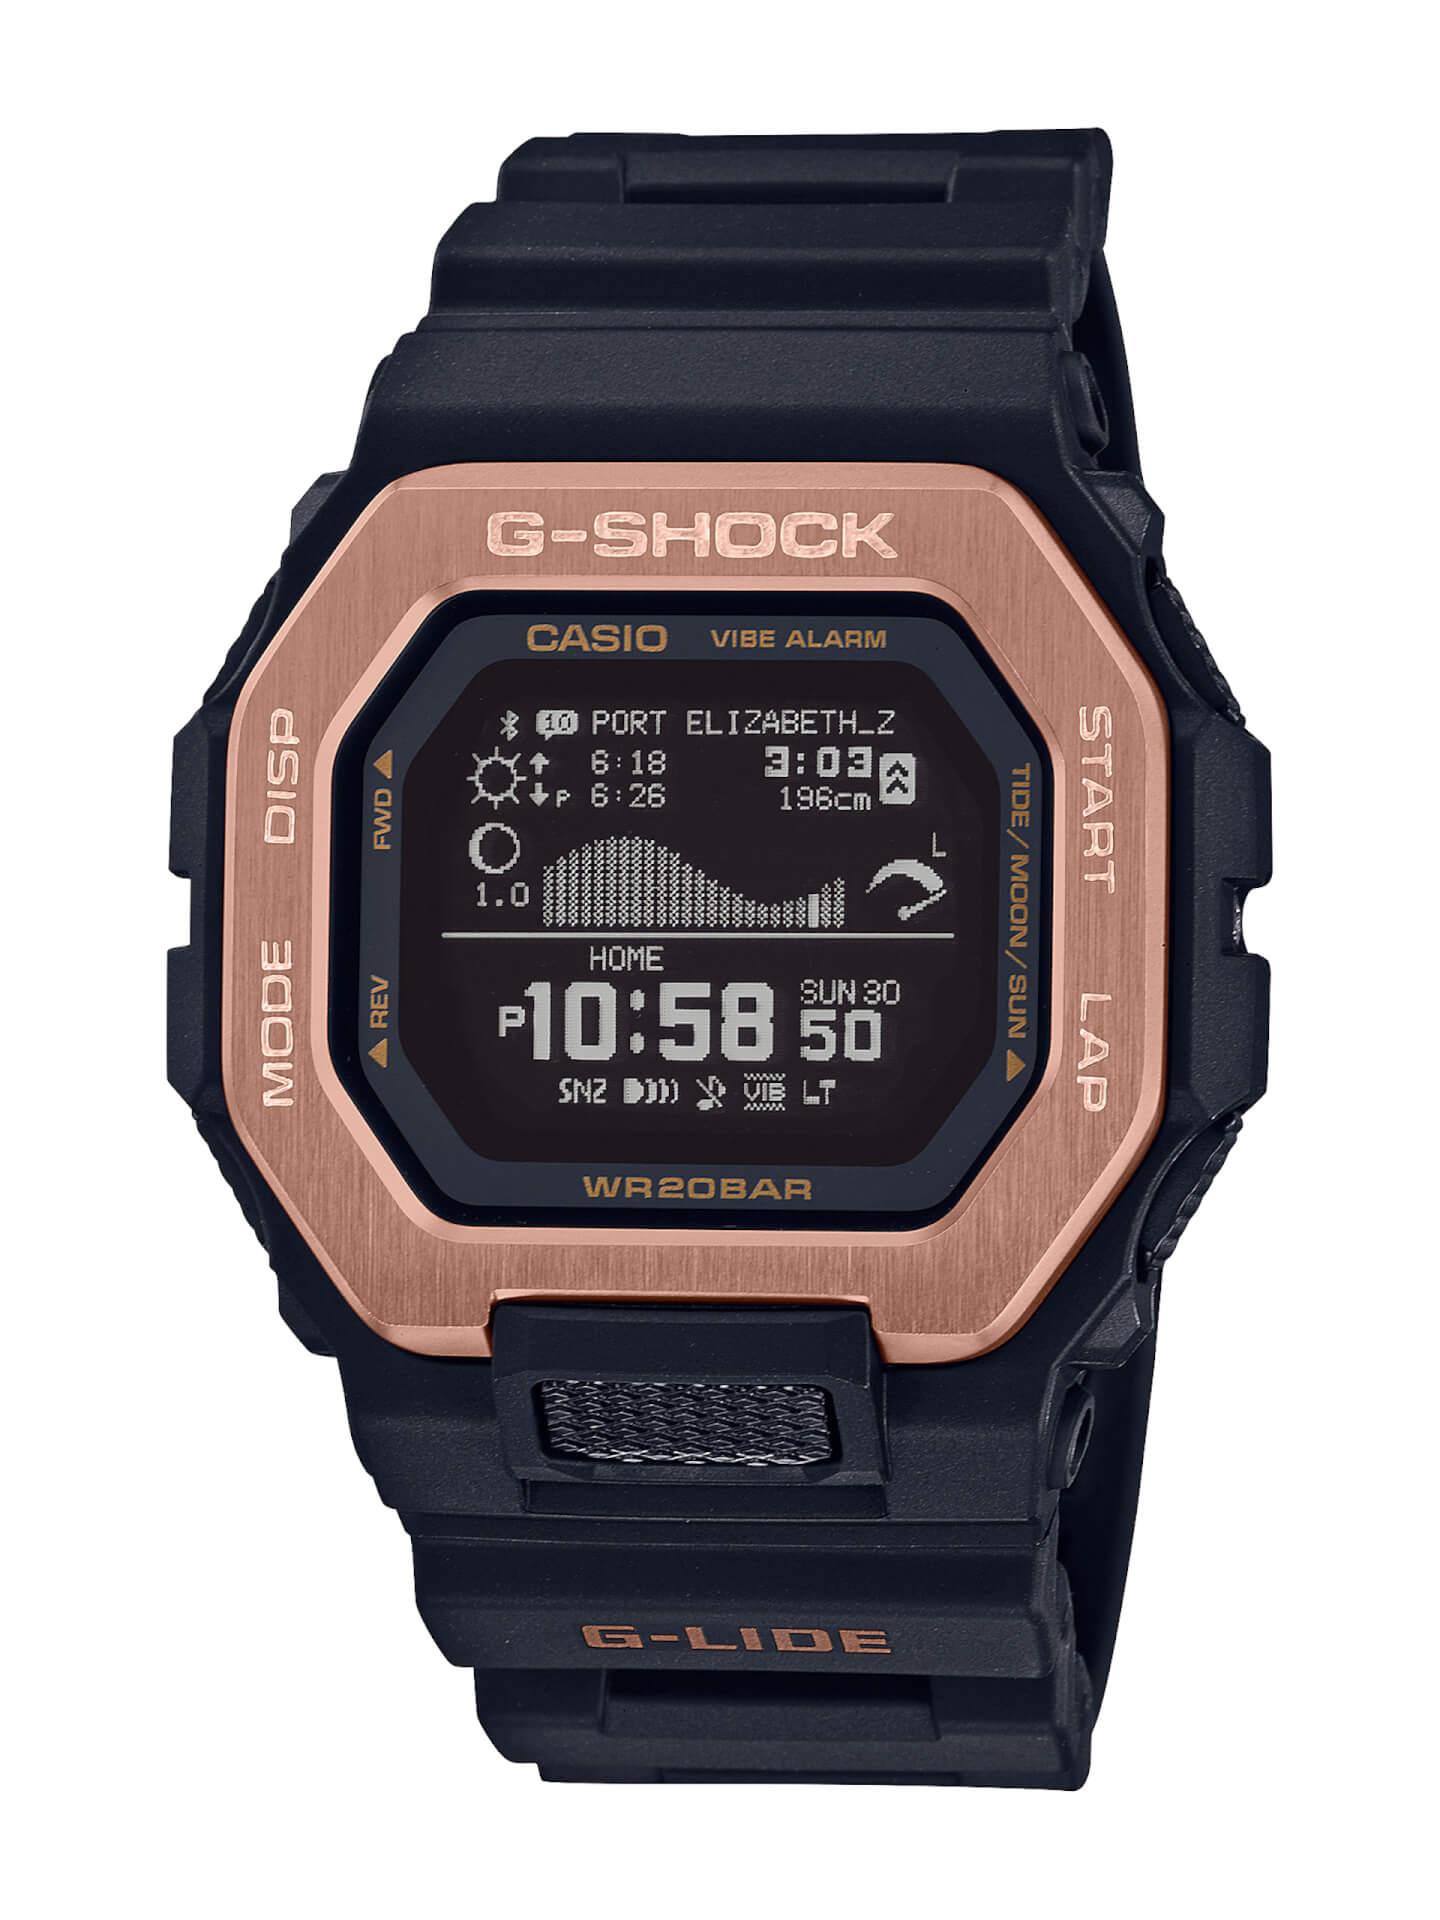 サーファーからの支持も得るG-SHOCK「G-LIDE」にナイトサーフィン向けの新色が登場!スマホと連携可能な人気モデル tech210415_gshock_glide_4